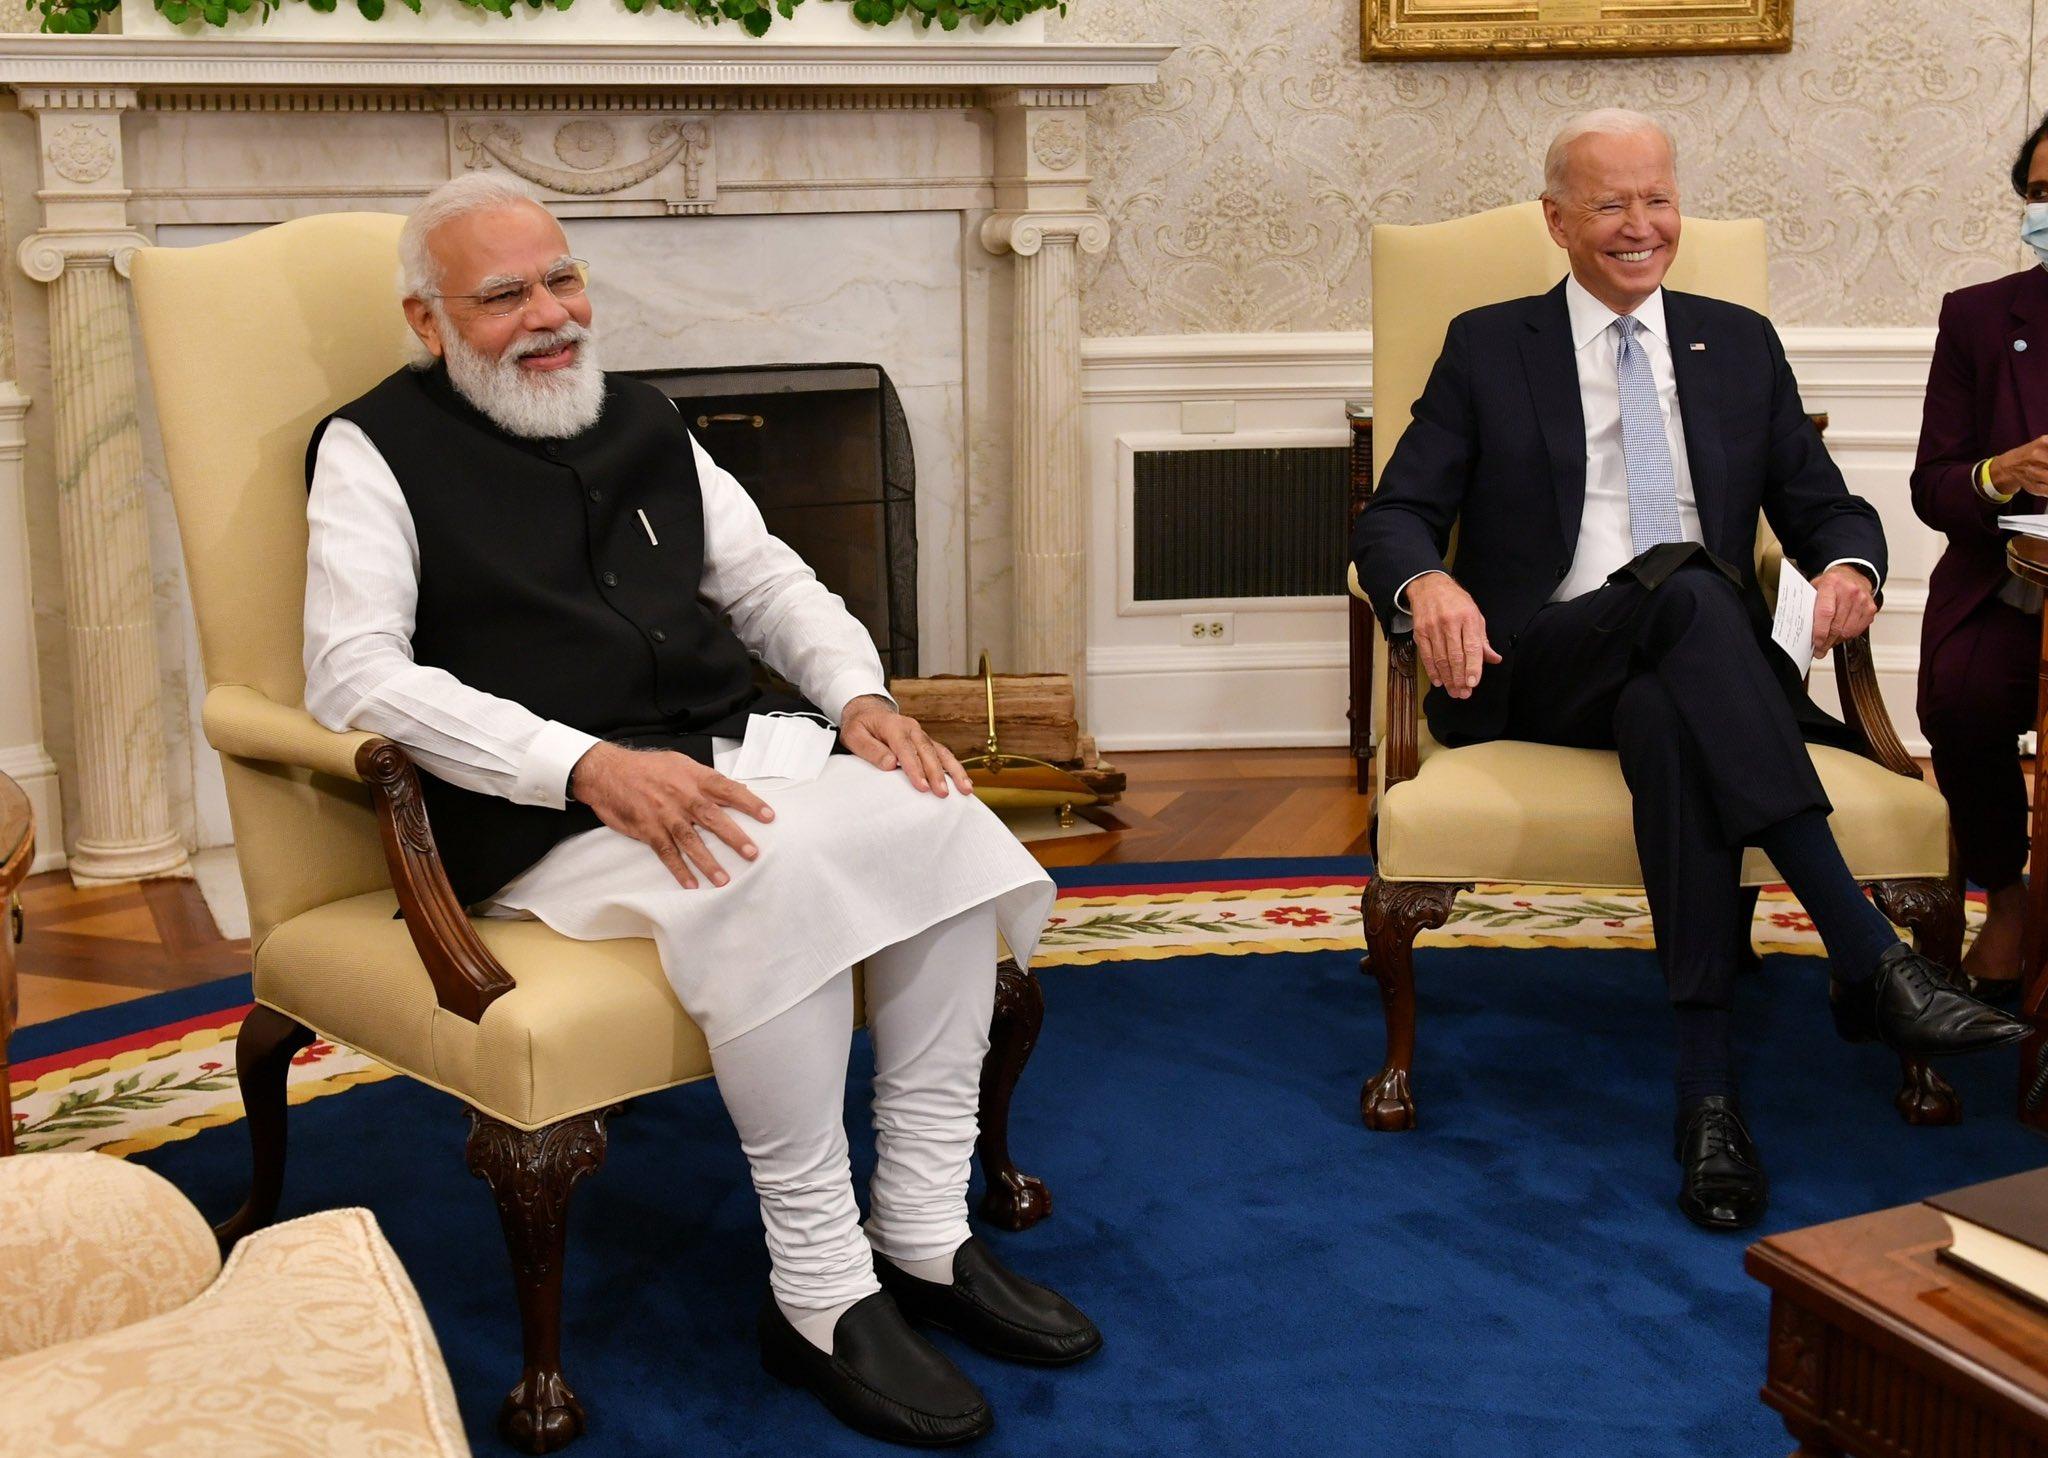 मोदी और बाइडेन बातचीत के दौरान बिल्कुल सहज नजर आए। 2014 और 2016 में दोनों नेताओं की मुलाकात हो चुकी थी। तब बाइडेन ओबामा एडमिनिस्ट्रेशन में वाइस प्रेसिडेंट थे। मुलाकात में बाइडेन ने अपनी मुंबई विजिट को याद किया।